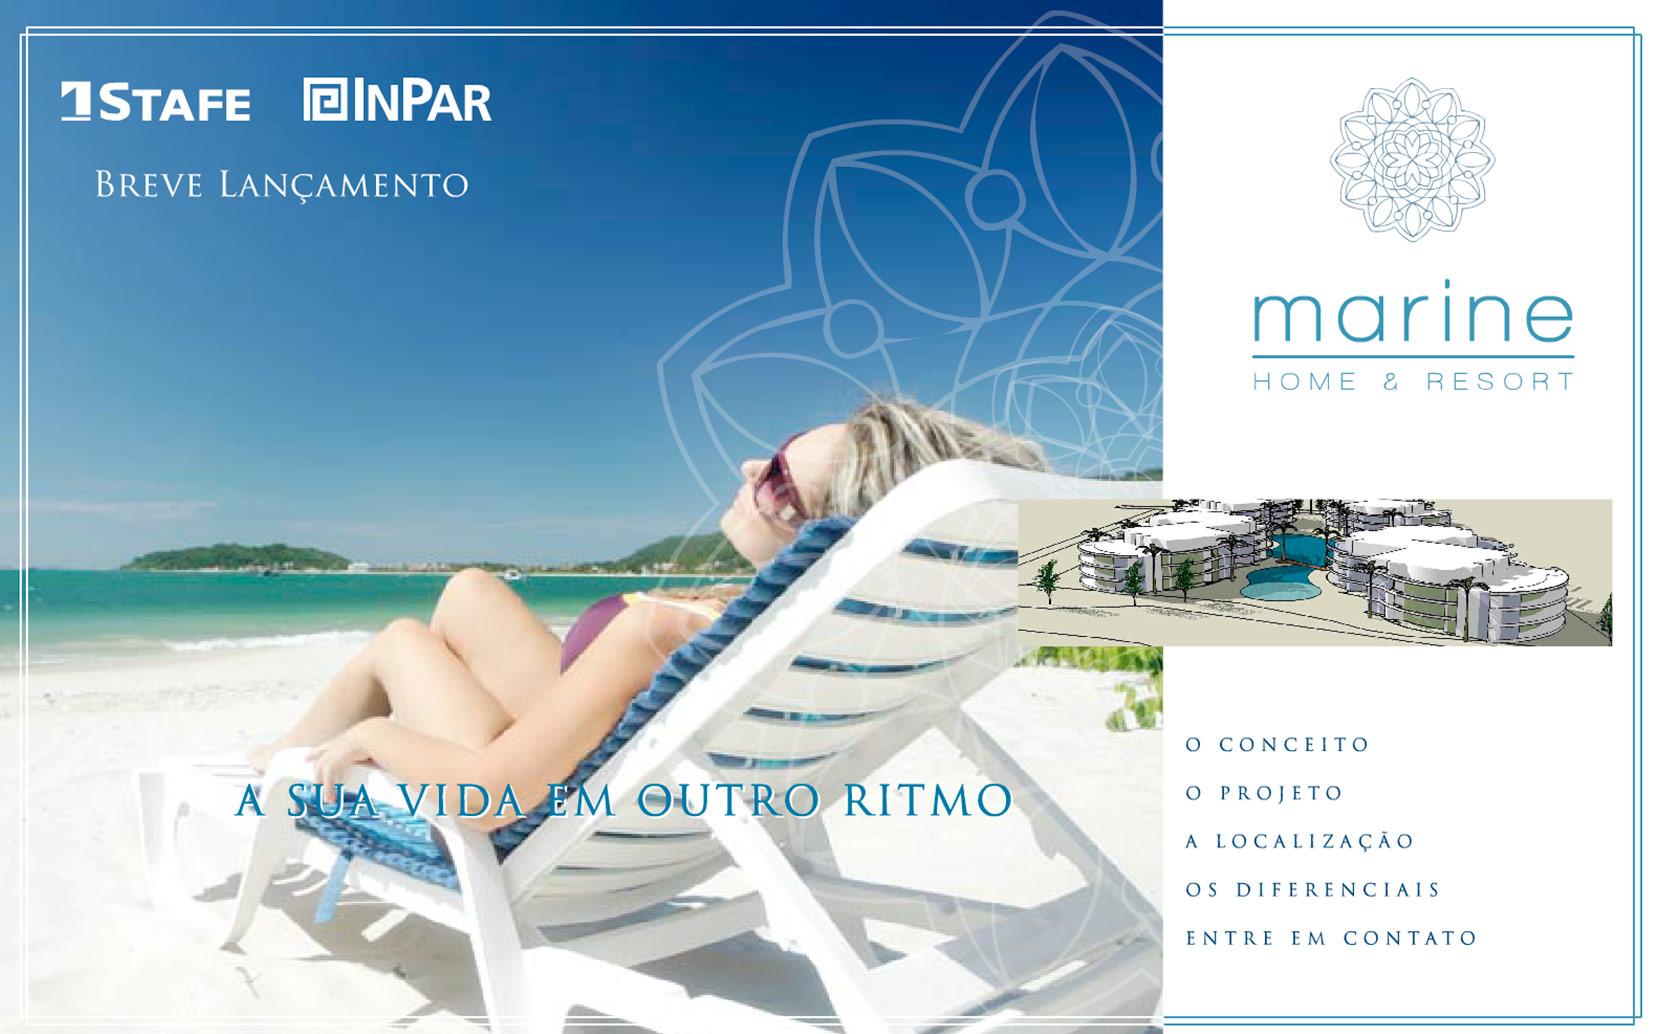 Marine Home & Resort